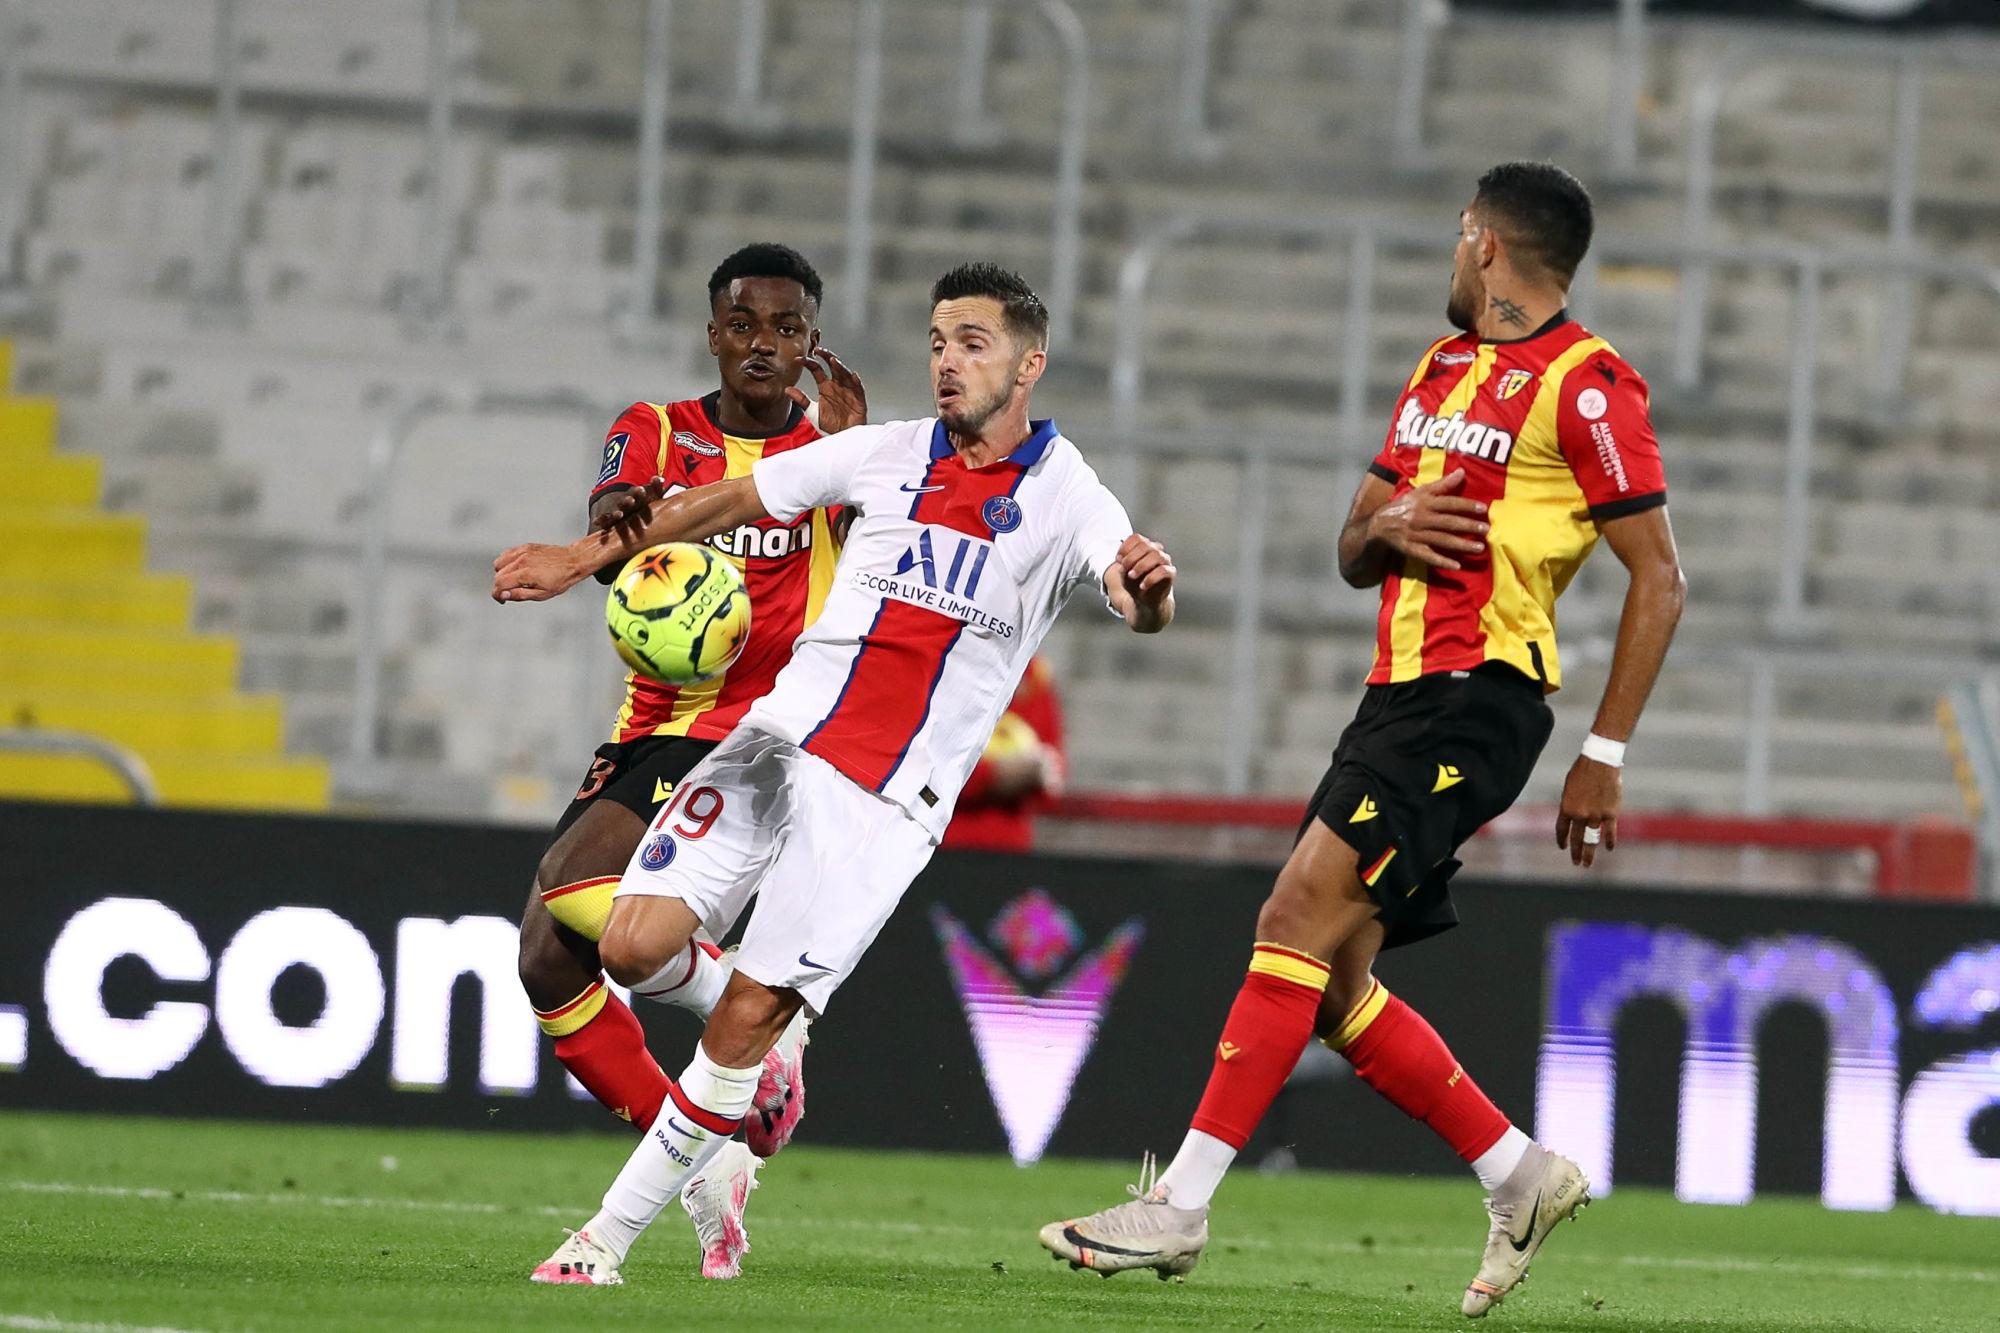 """Lens/PSG - Sarabia """"Il manque des joueurs, mais il n'y a pas d'excuse"""""""